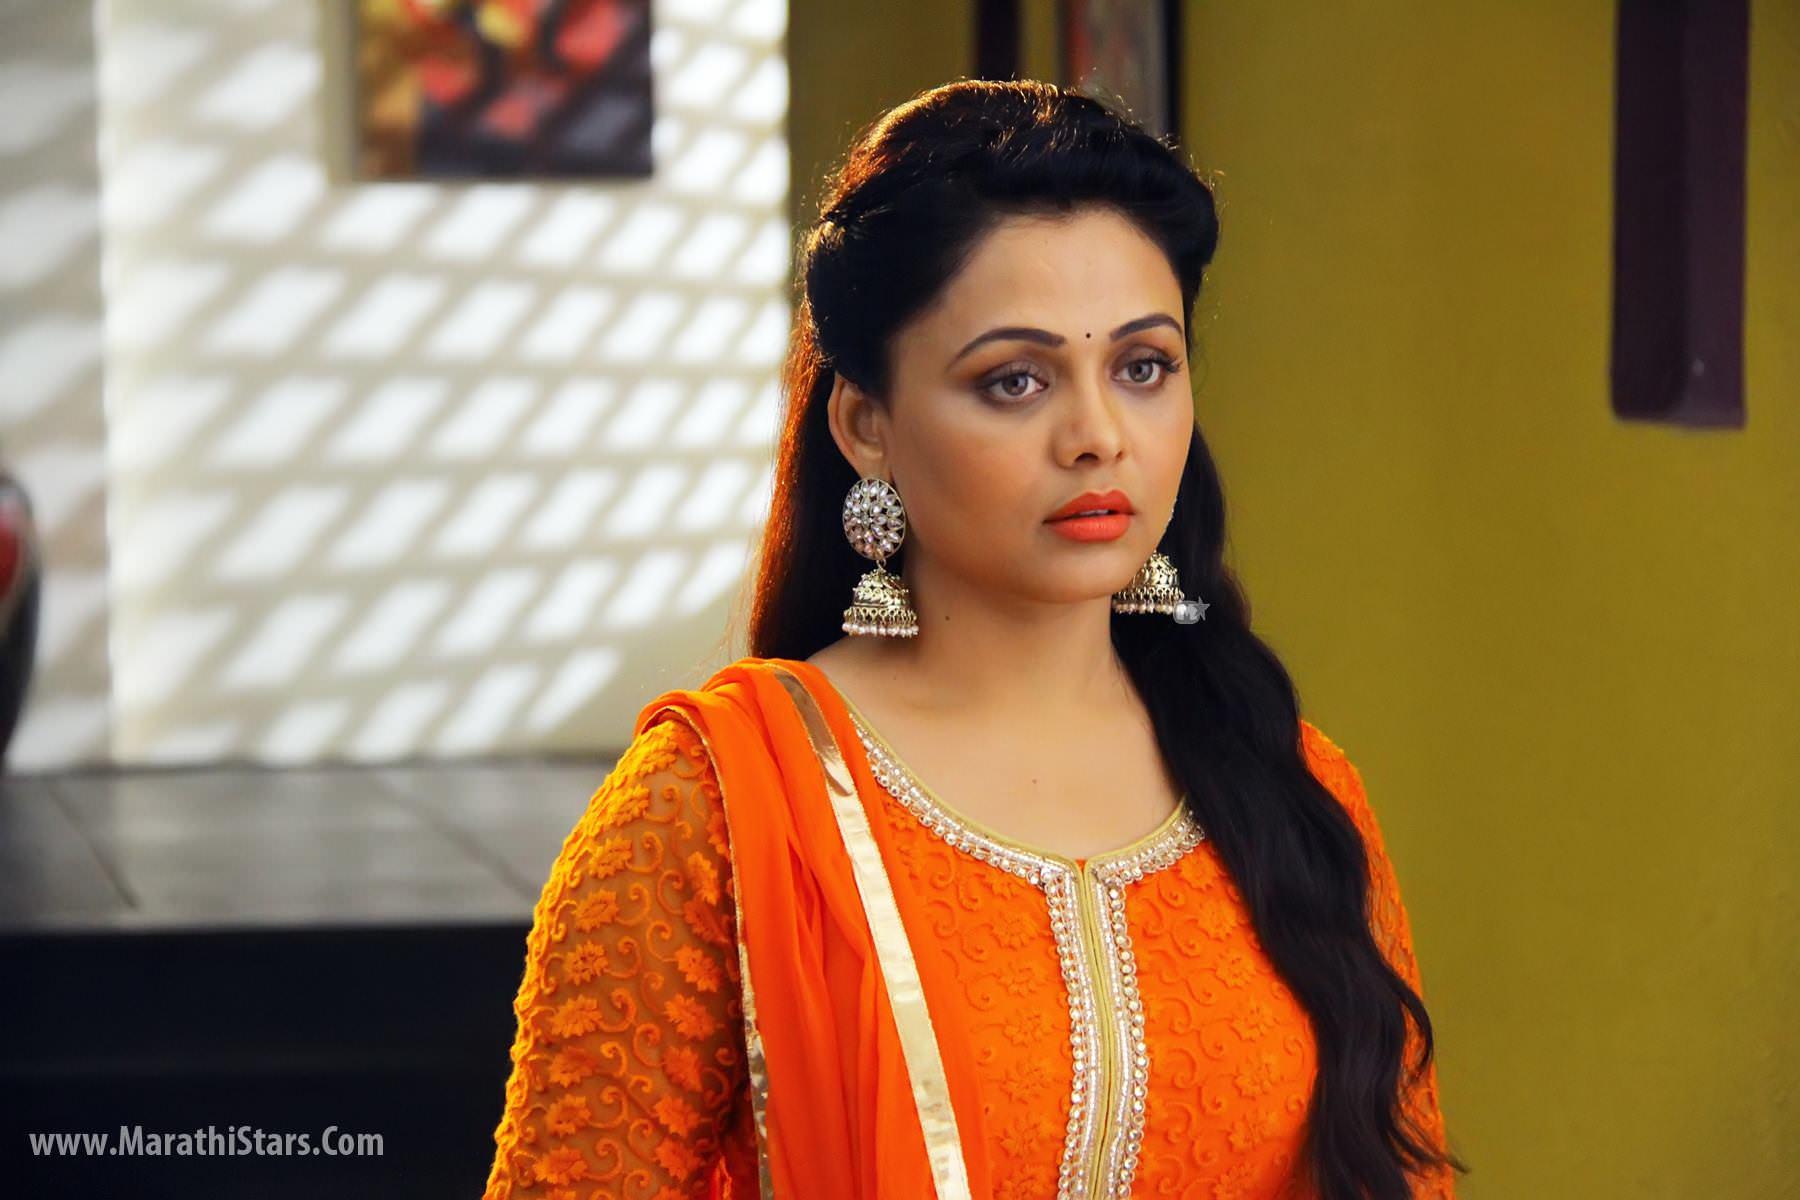 Prarthana Behere Marathi Actress Photos Biography -5974